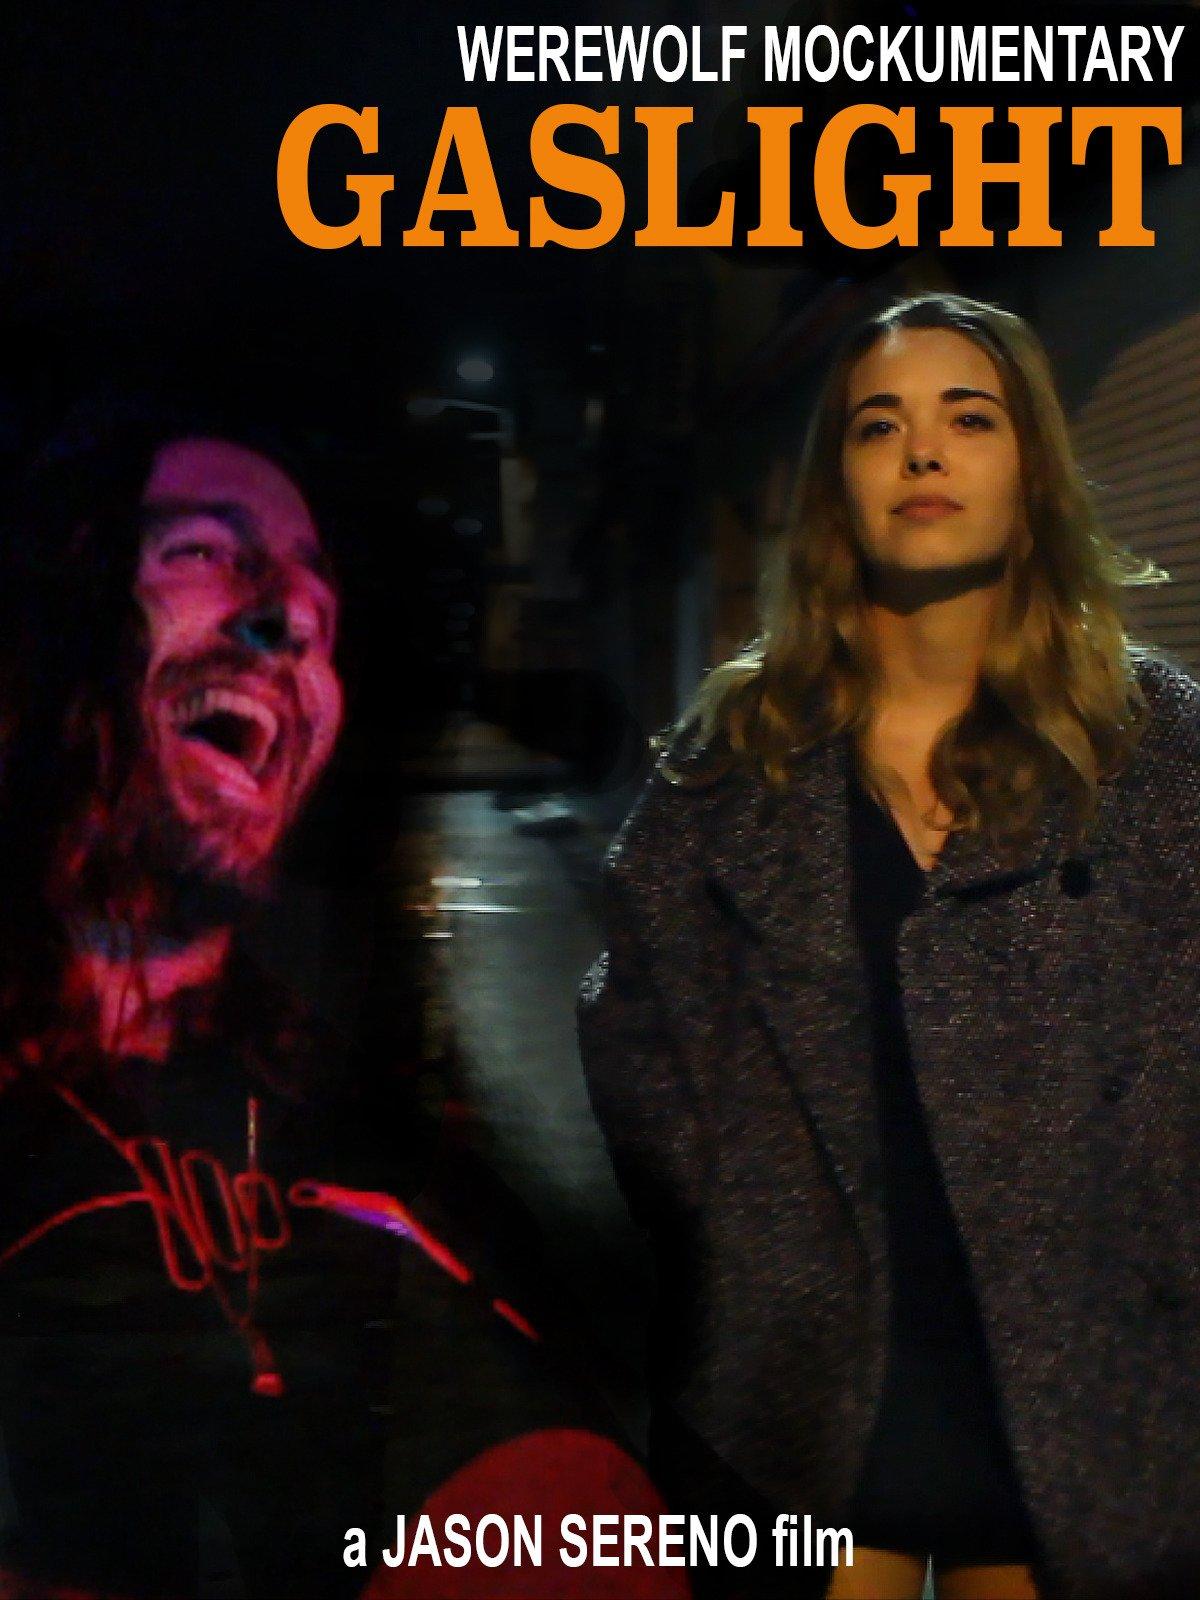 Werewolf Mockumentary: Gaslight